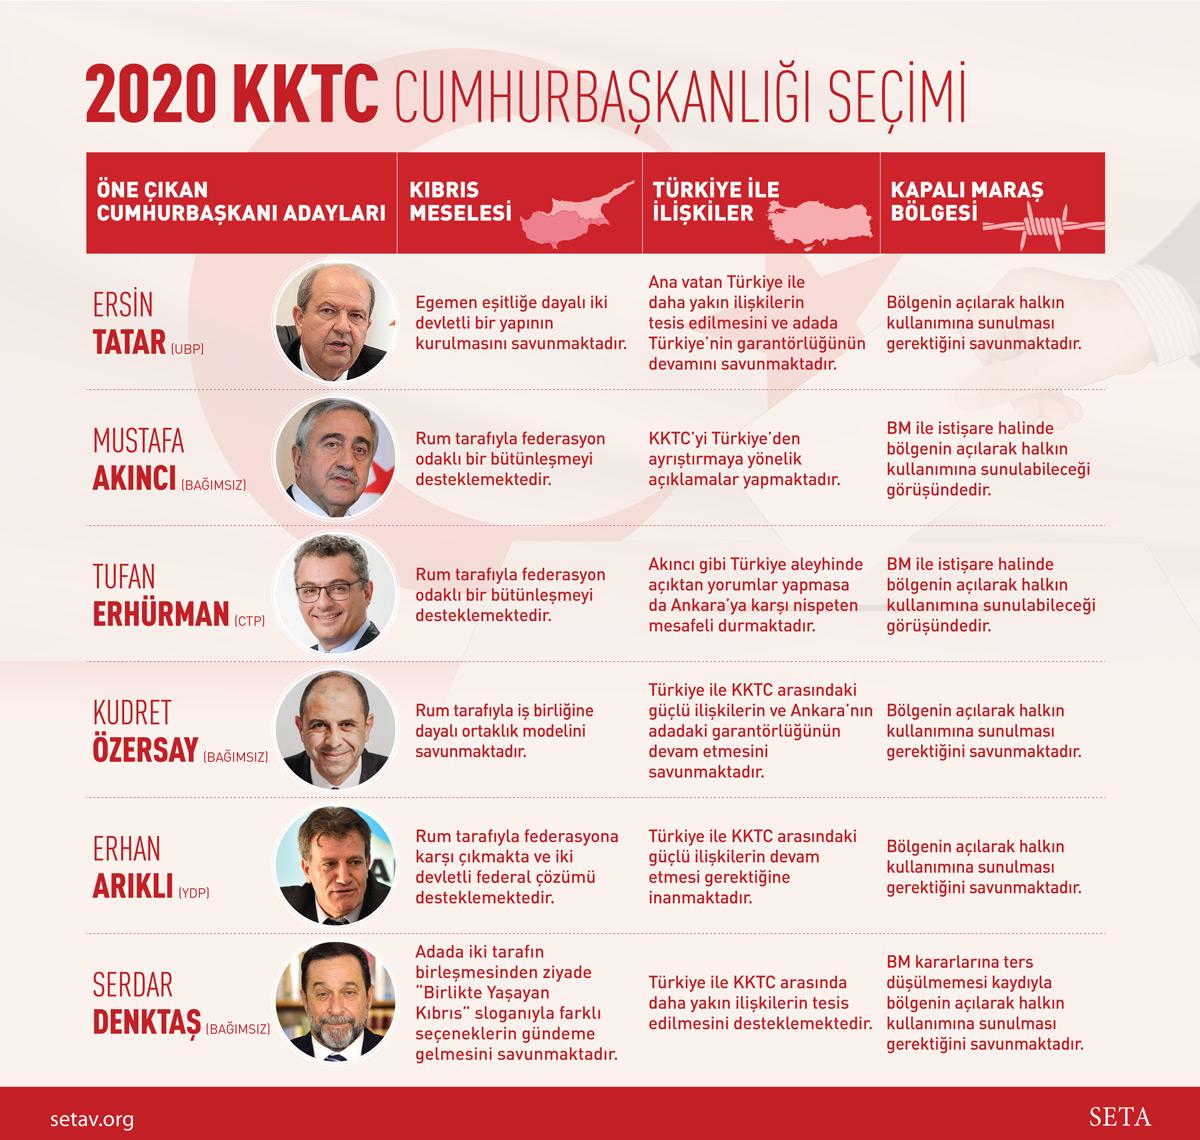 2020 KKTC Cumhurbaşkanlığı Seçimi